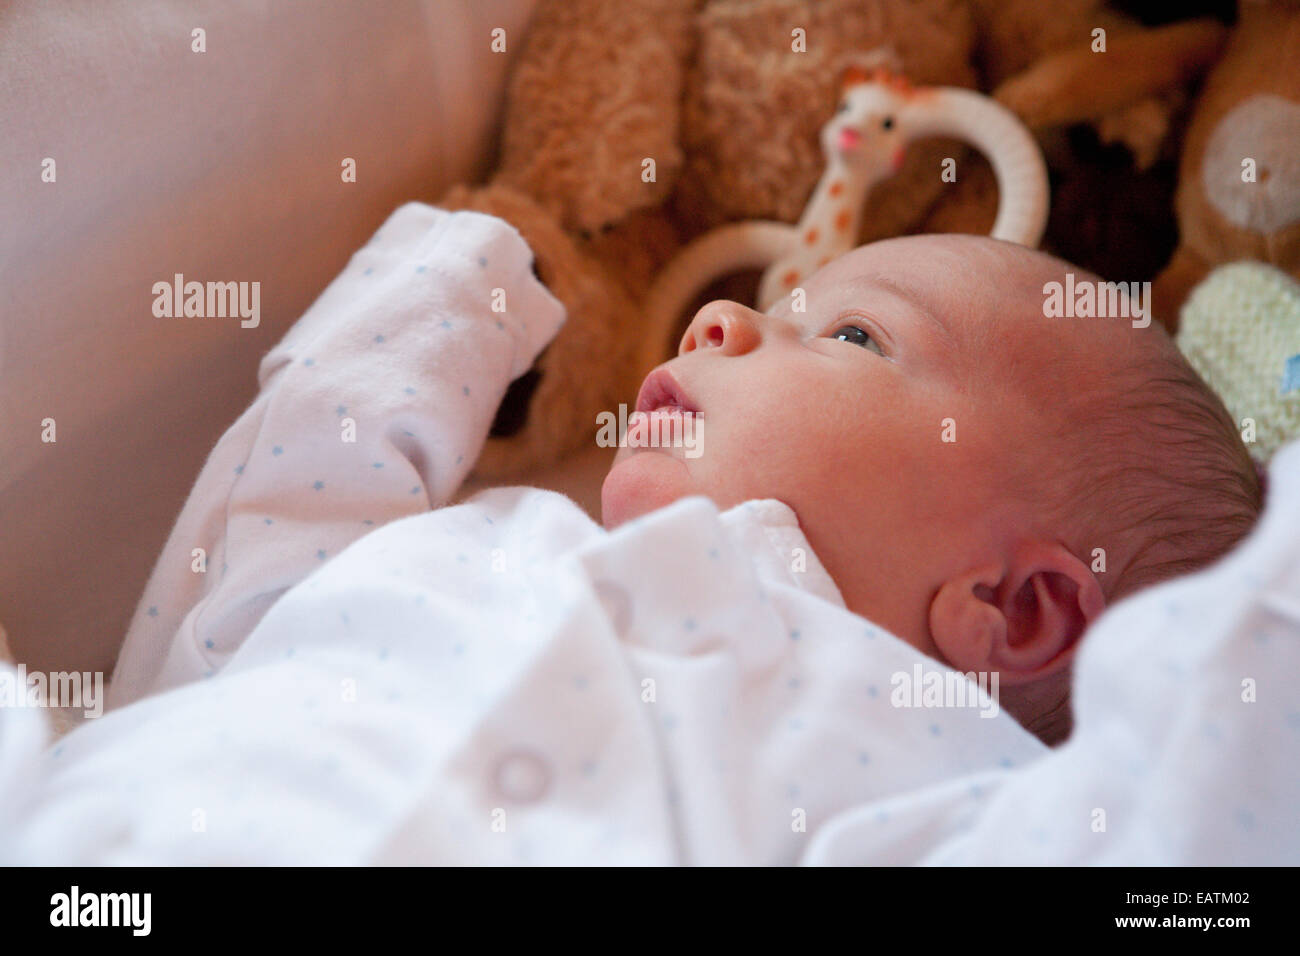 Bébé en lit bébé avec des jouets Photo Stock